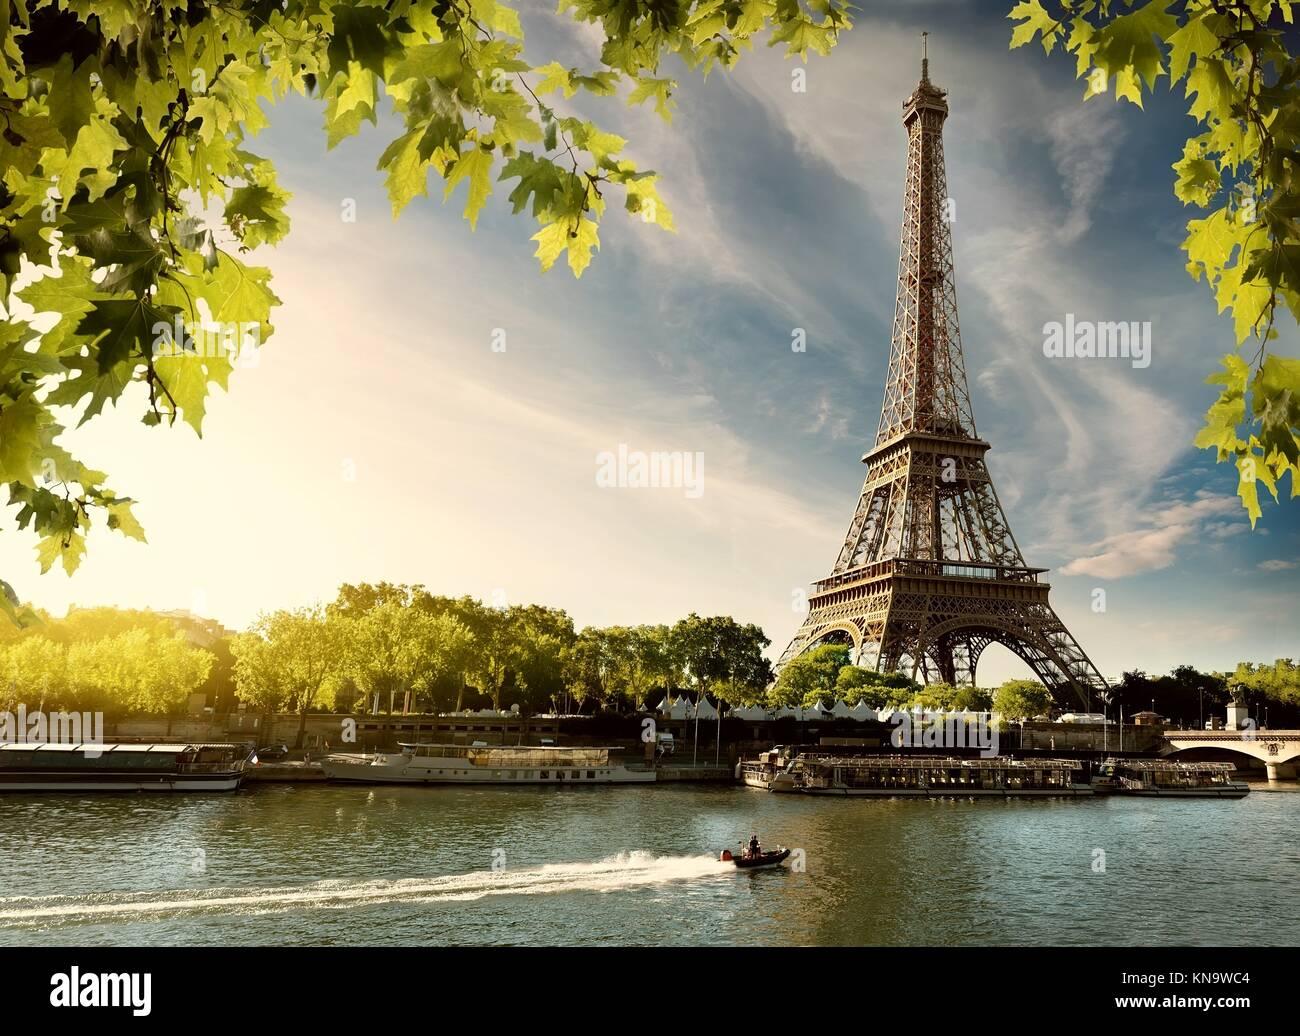 Sonnenuntergang über Paris, mit Blick auf den Eiffelturm und der Seine entfernt, Frankreich. Stockbild